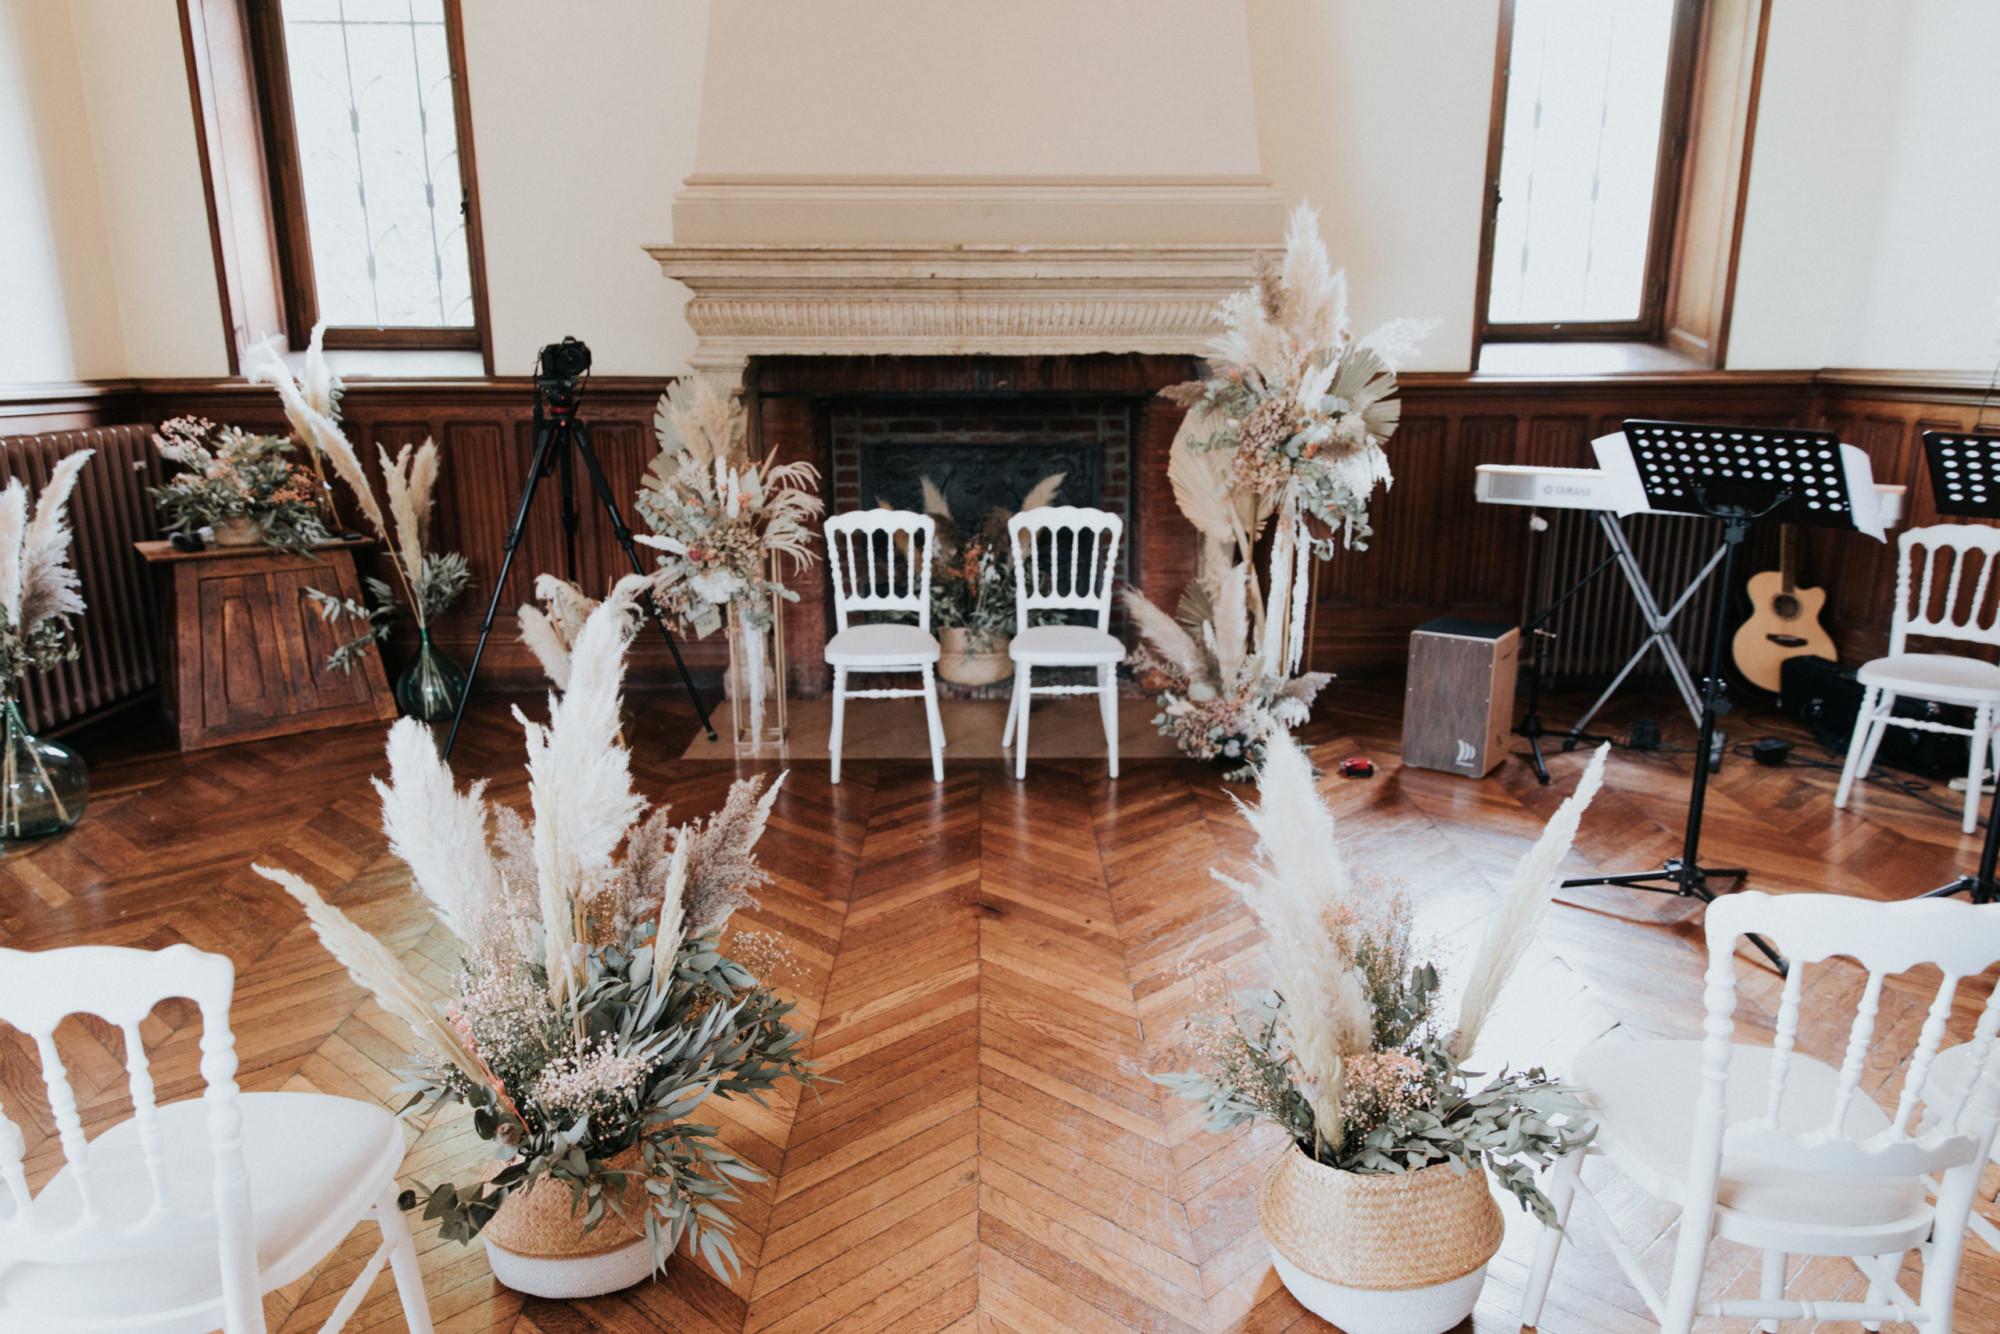 décor de cérémonie, fleurs séchées, arche , stèle